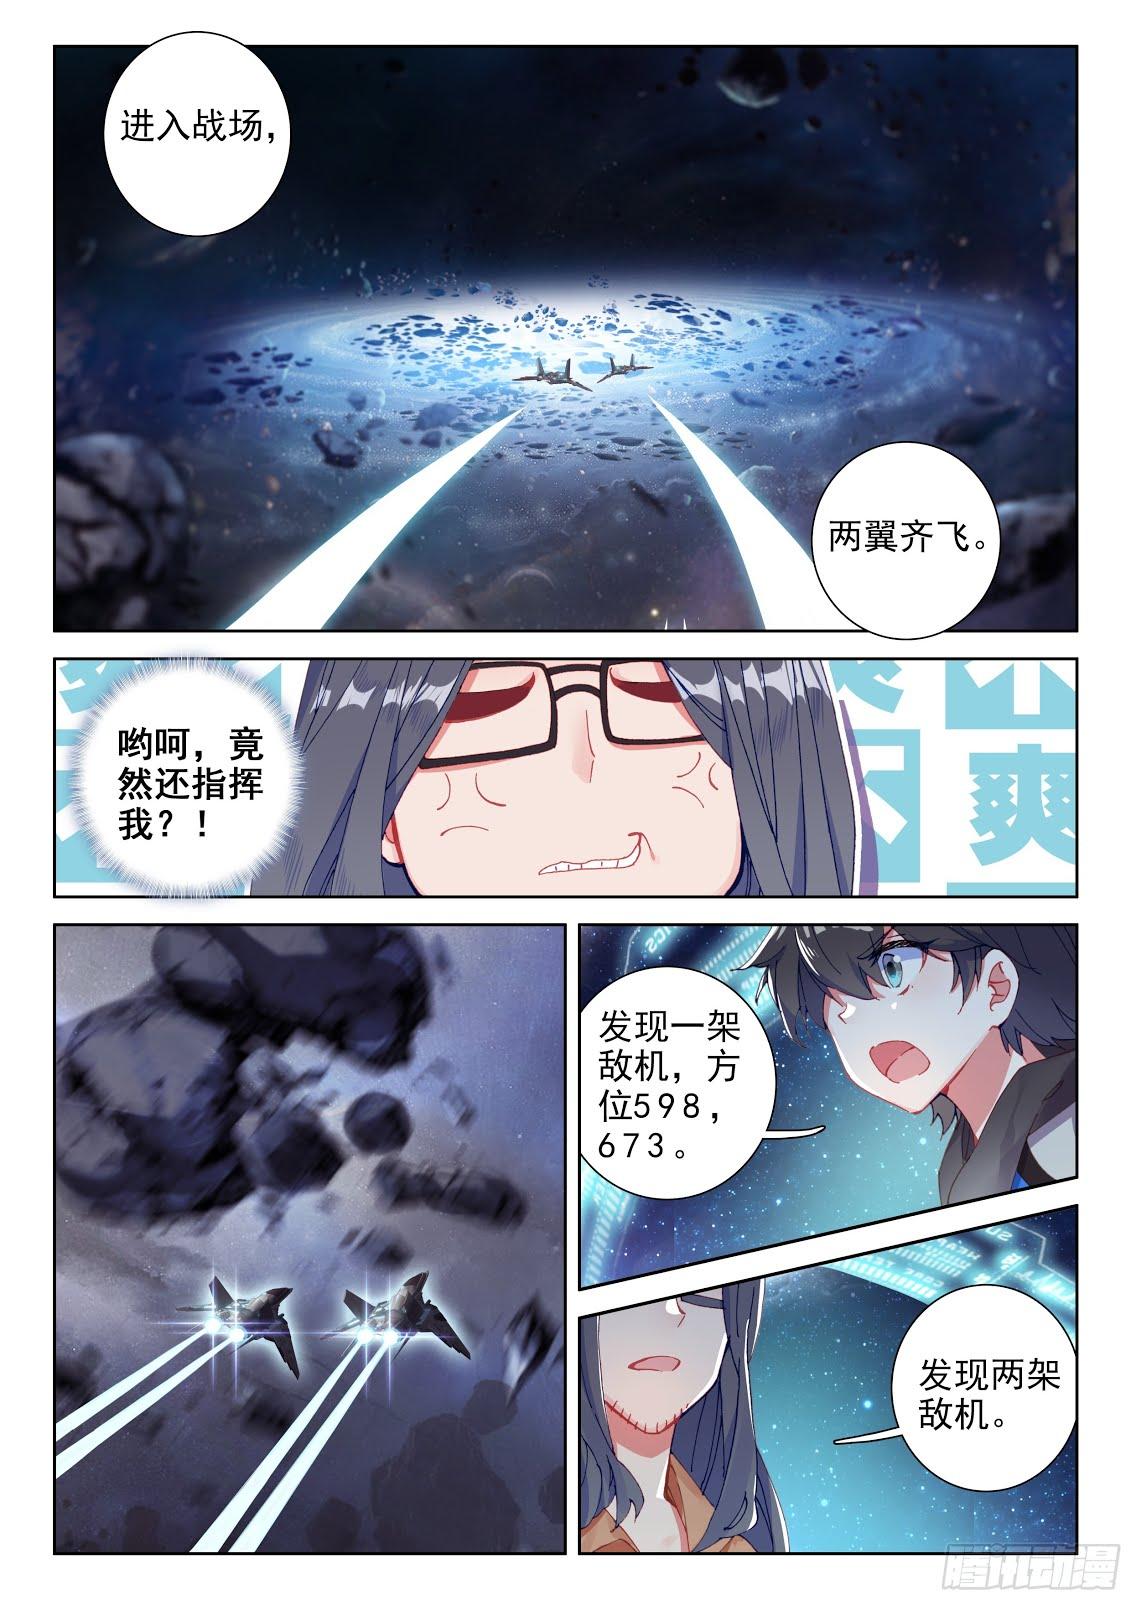 斗羅大陸4終極斗羅: 141话 僚机 - 第5页